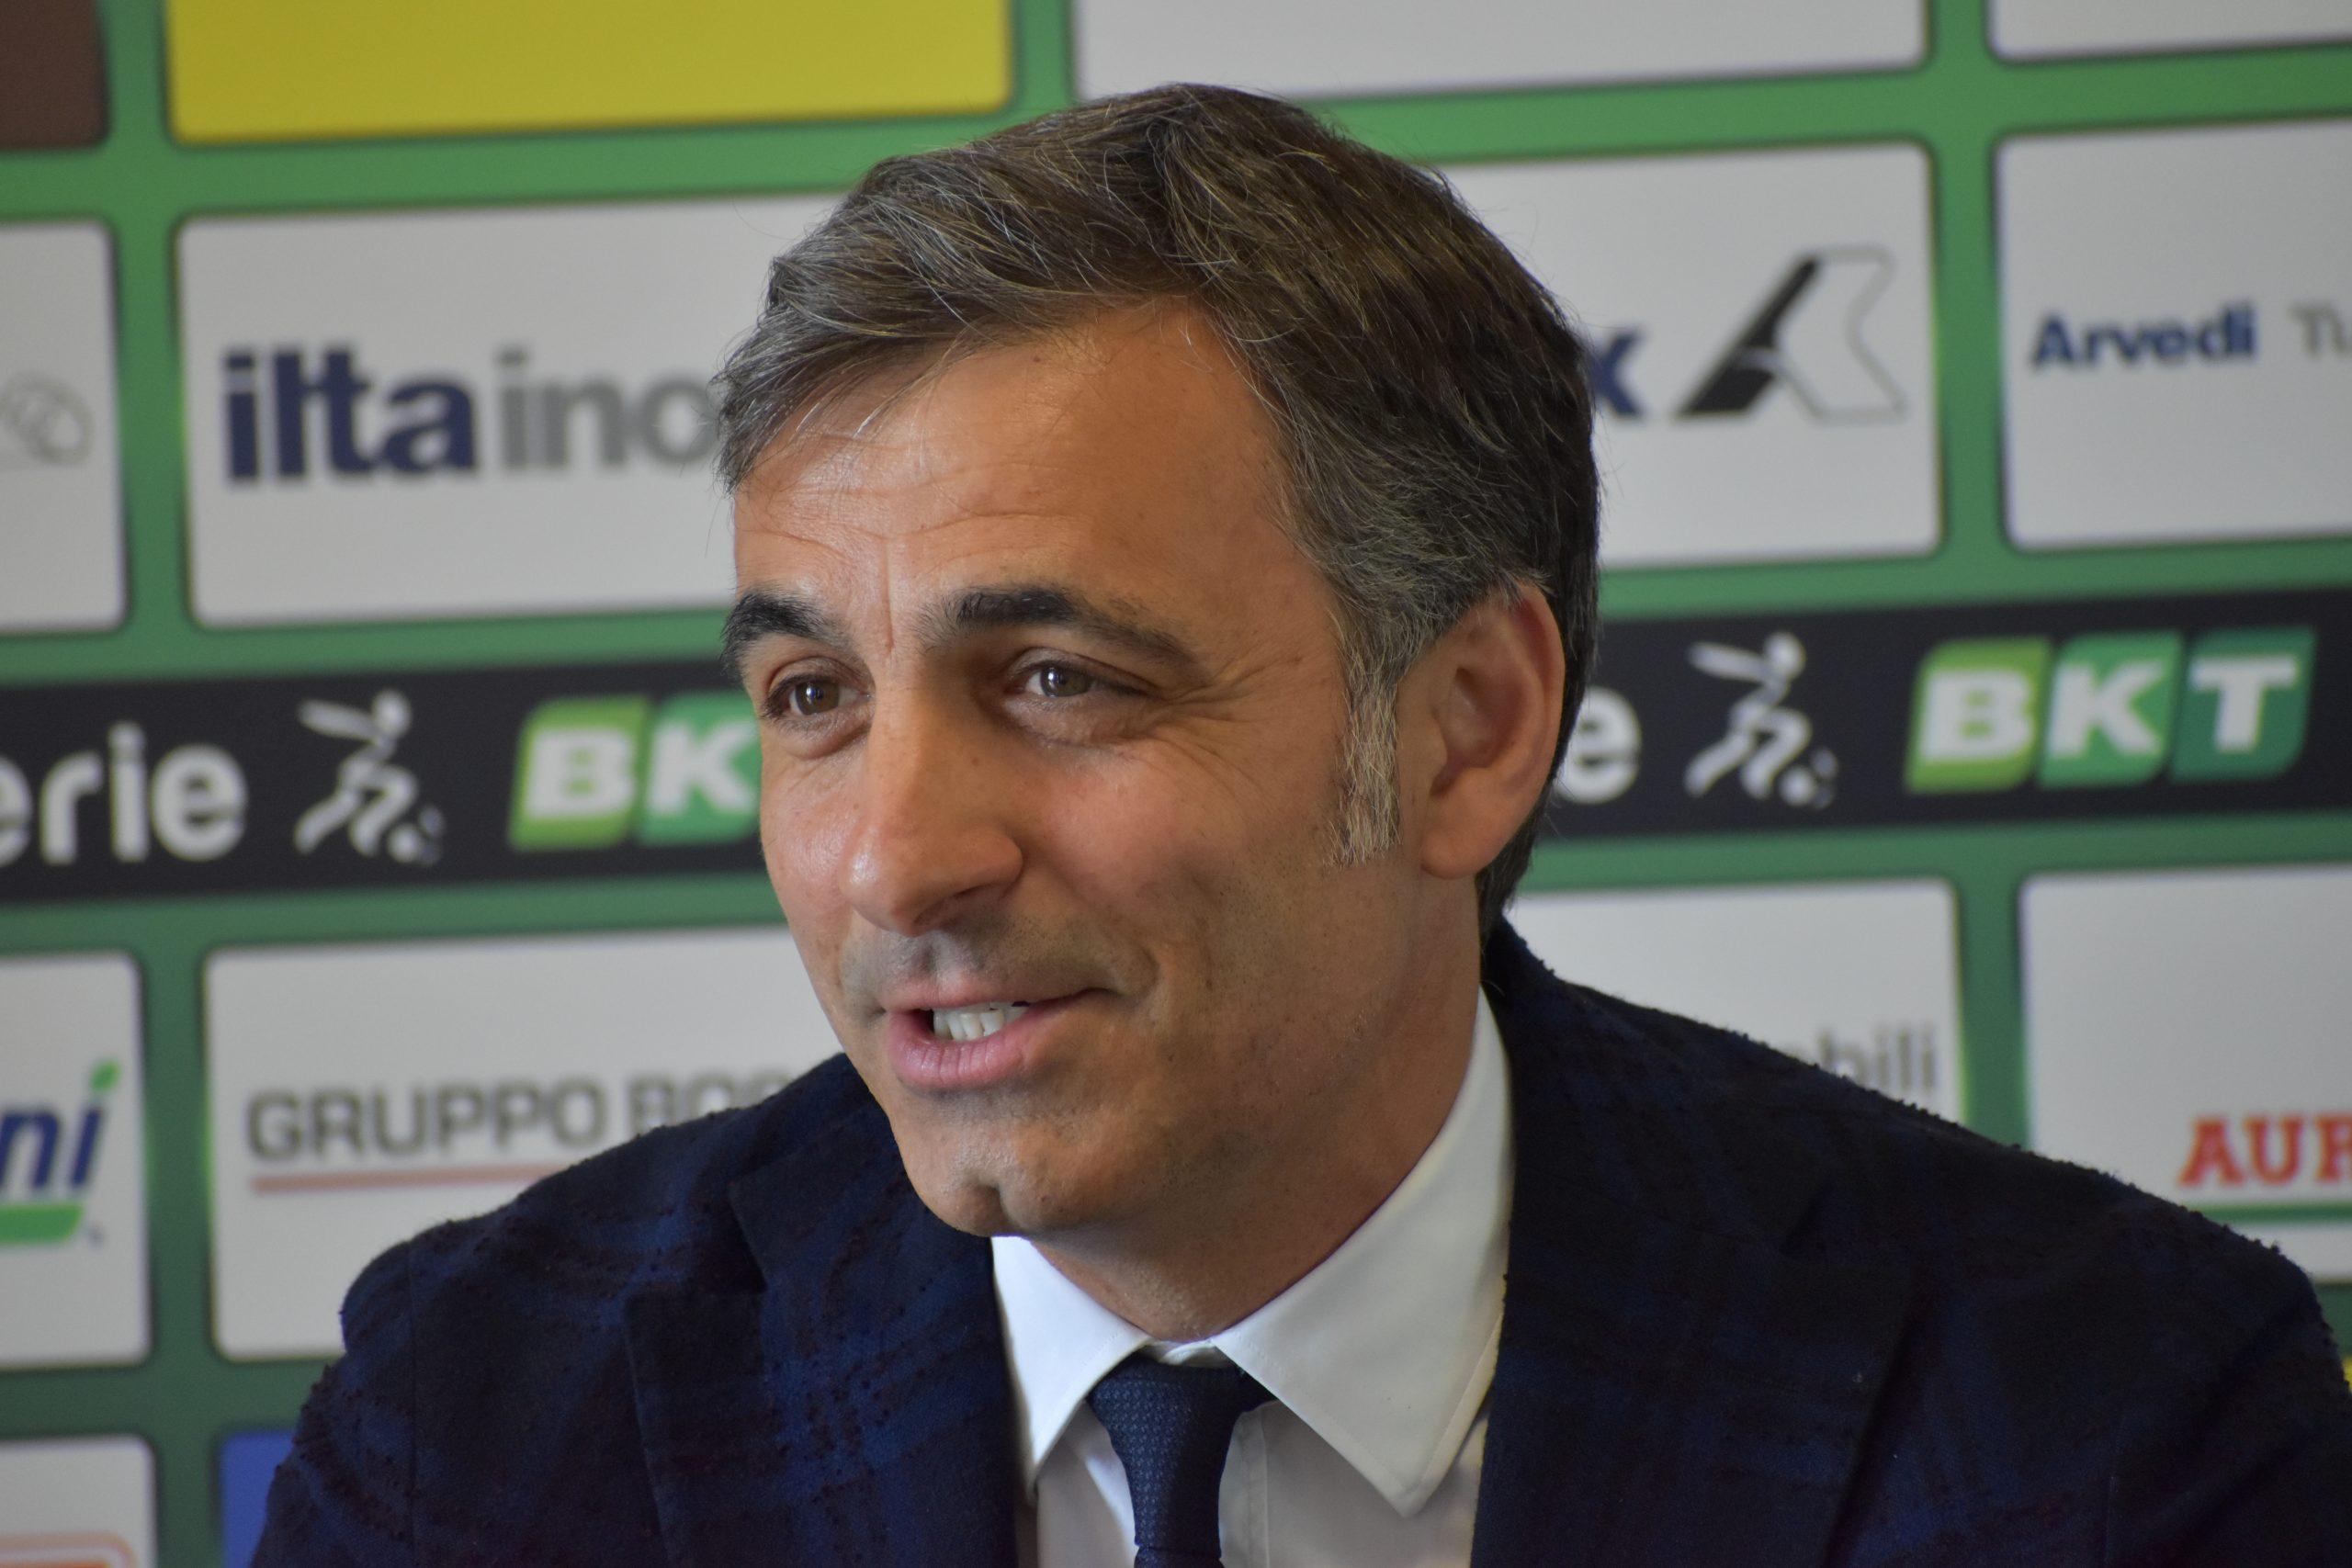 allenatori Serie B Pecchia conferenza rinnovo 1